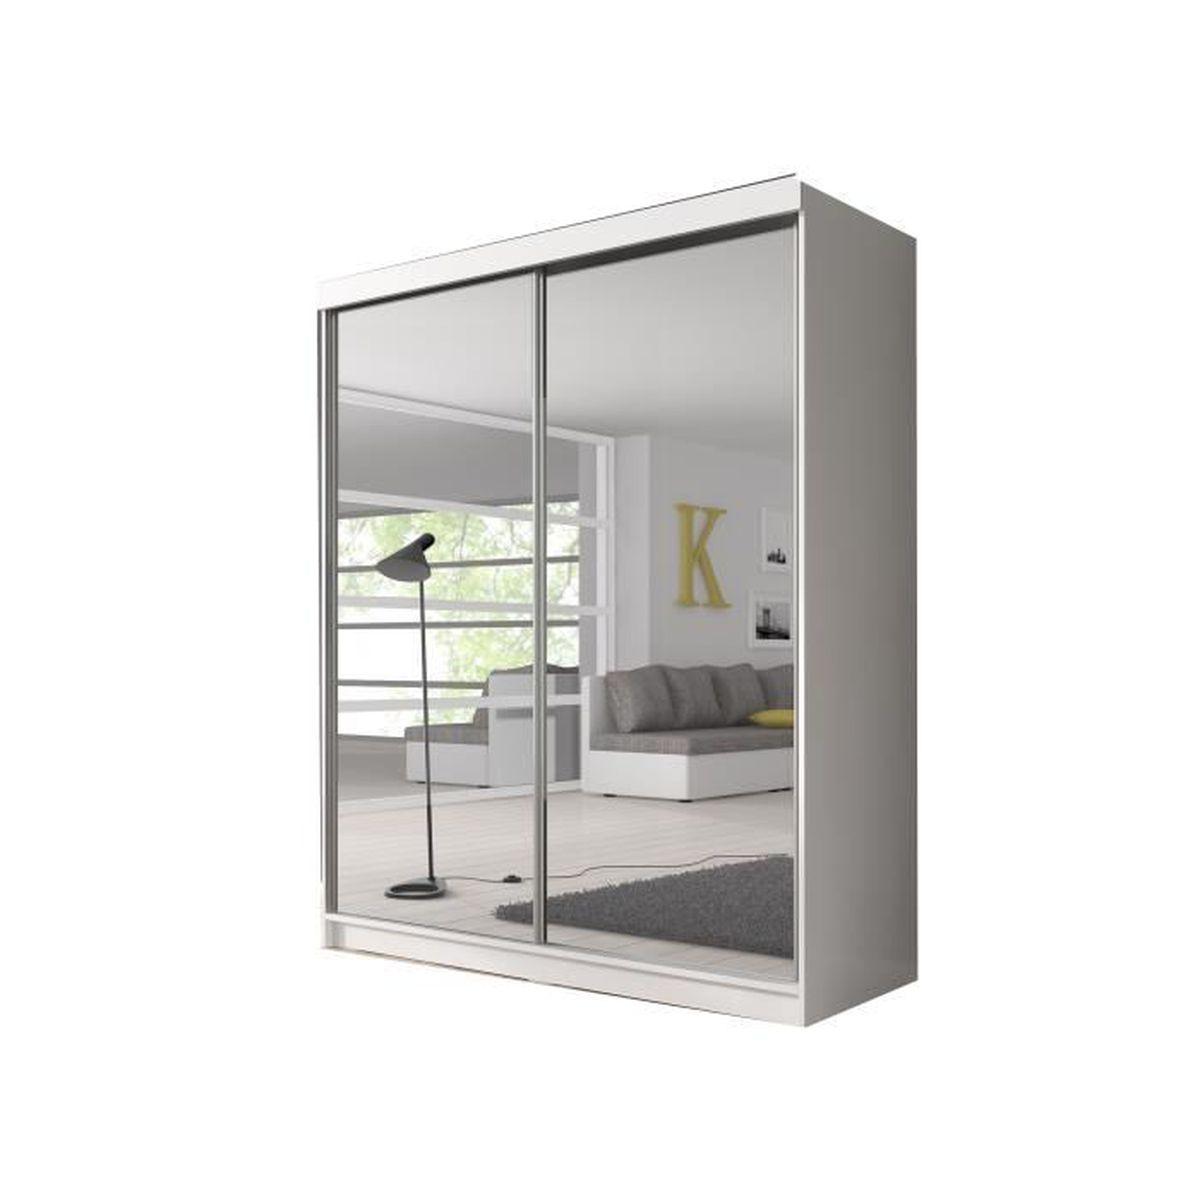 ARMOIRE DE CHAMBRE Armoire de chambre avec miroirs 2 portes coulissan